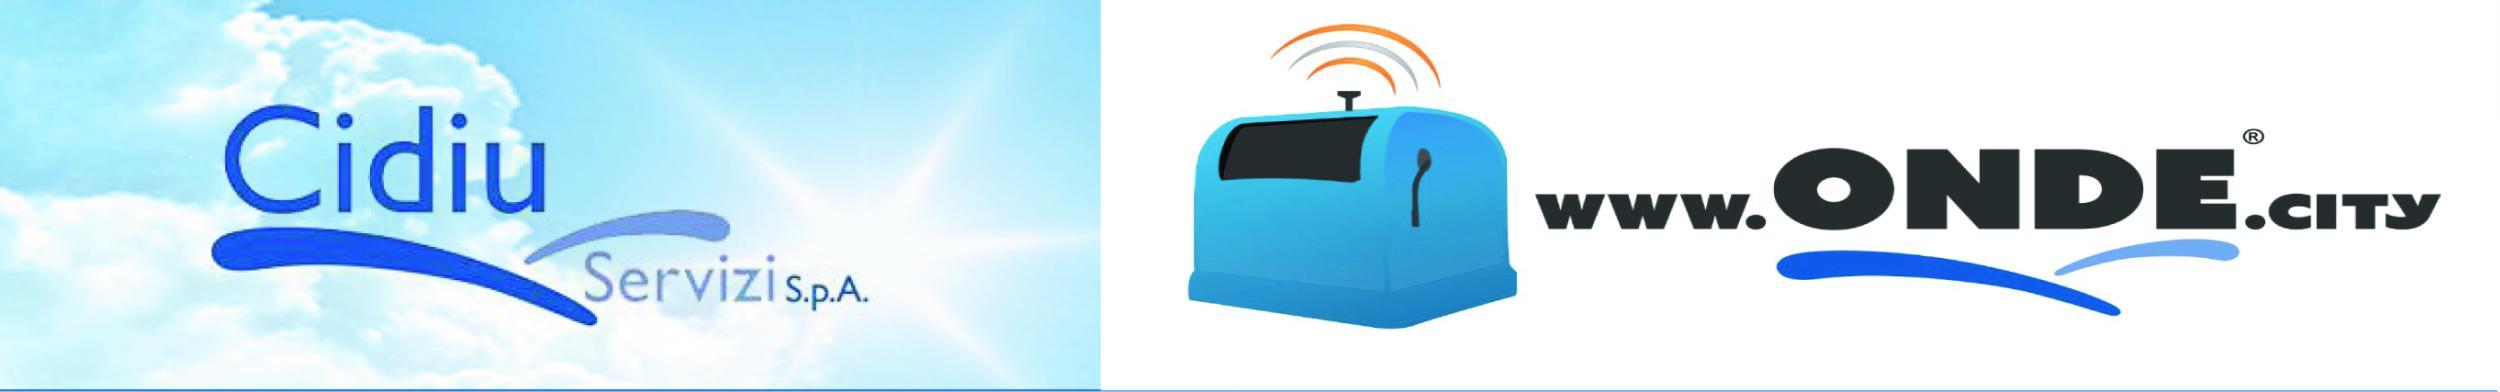 cidiu onde progetto wi-fi